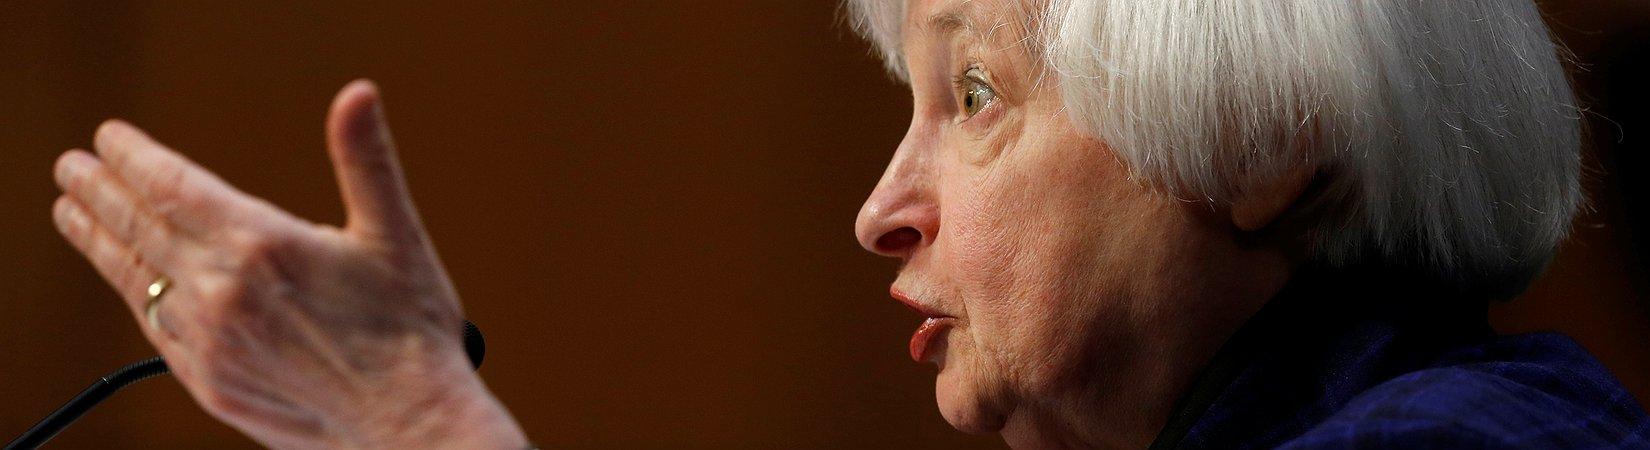 Yellen contra Trump: ¿Está la presidenta de la Fed de parte de los demócratas?